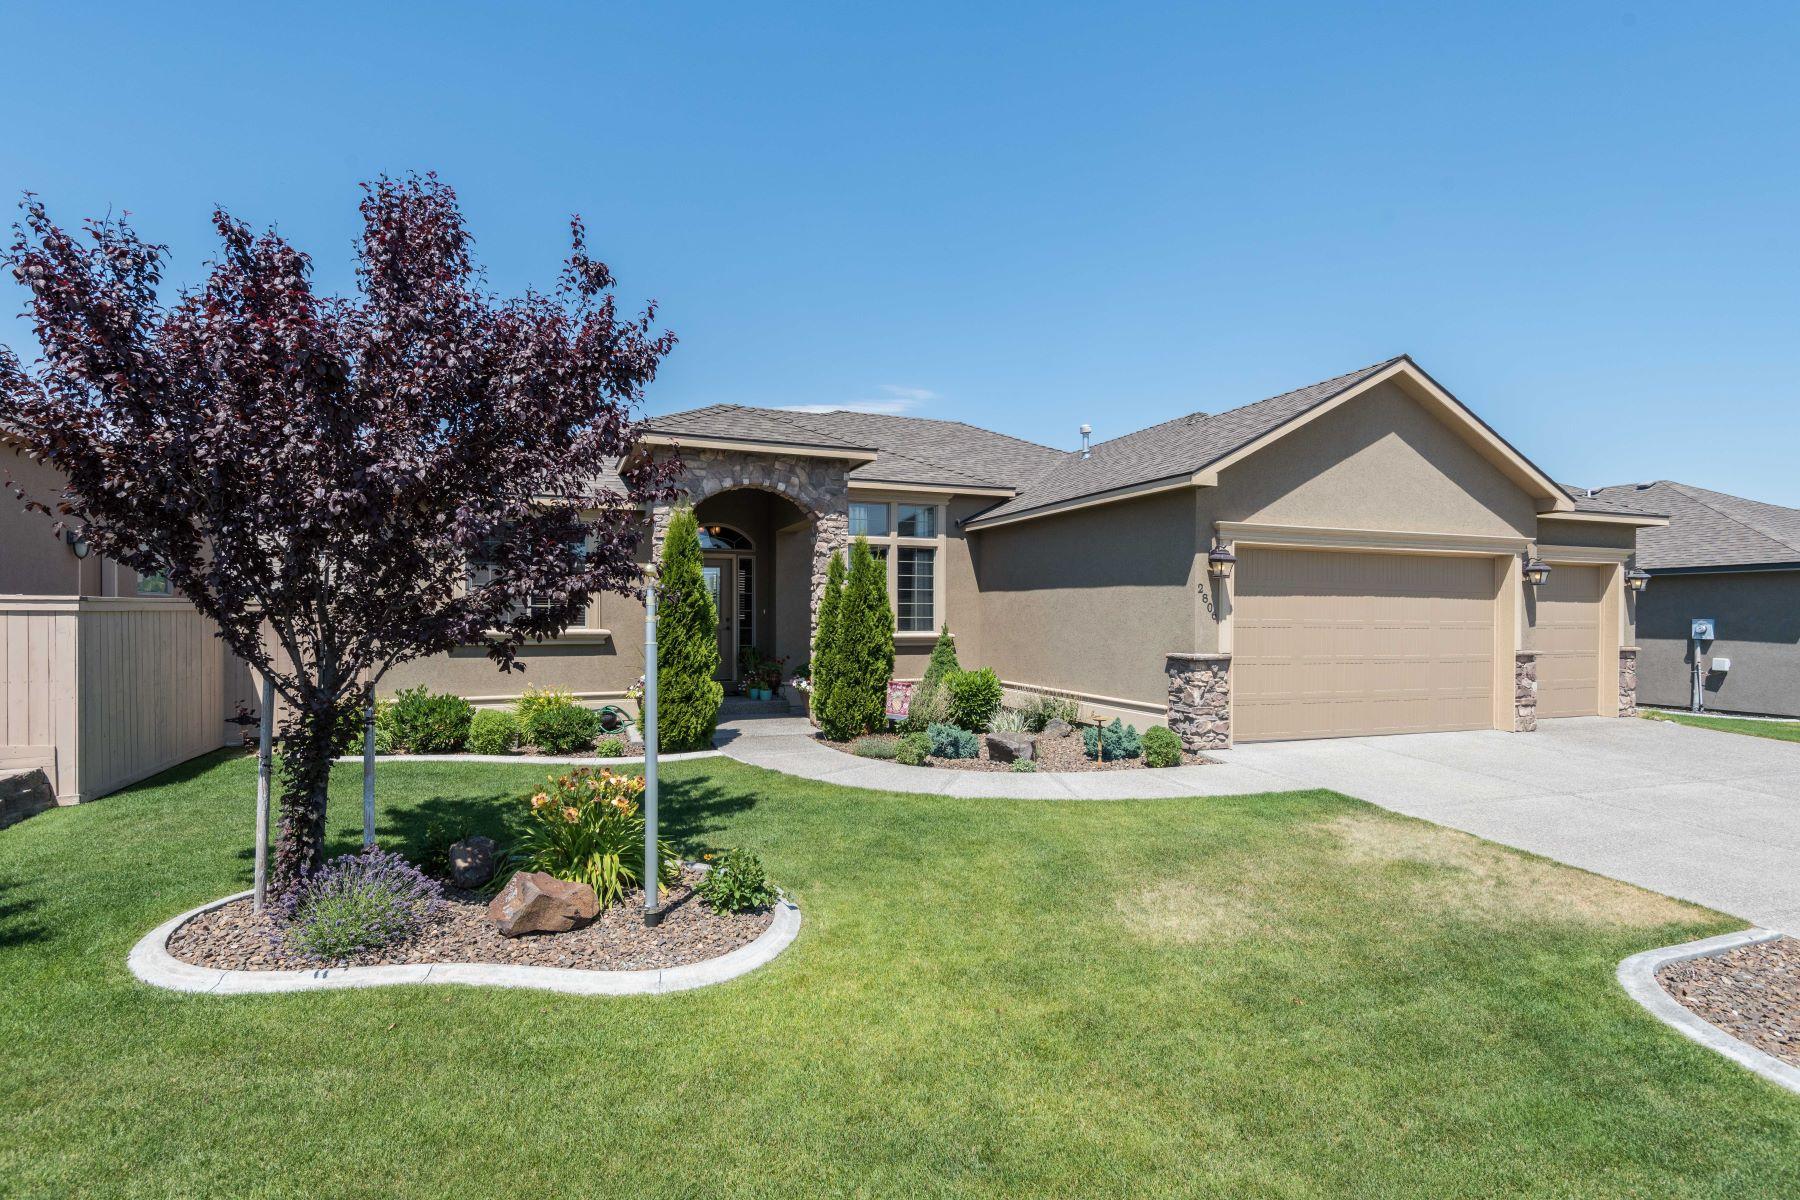 Частный односемейный дом для того Продажа на Upgraded rambler in golf course community! 2806 Copperbutte Street Richland, Вашингтон, 99354 Соединенные Штаты